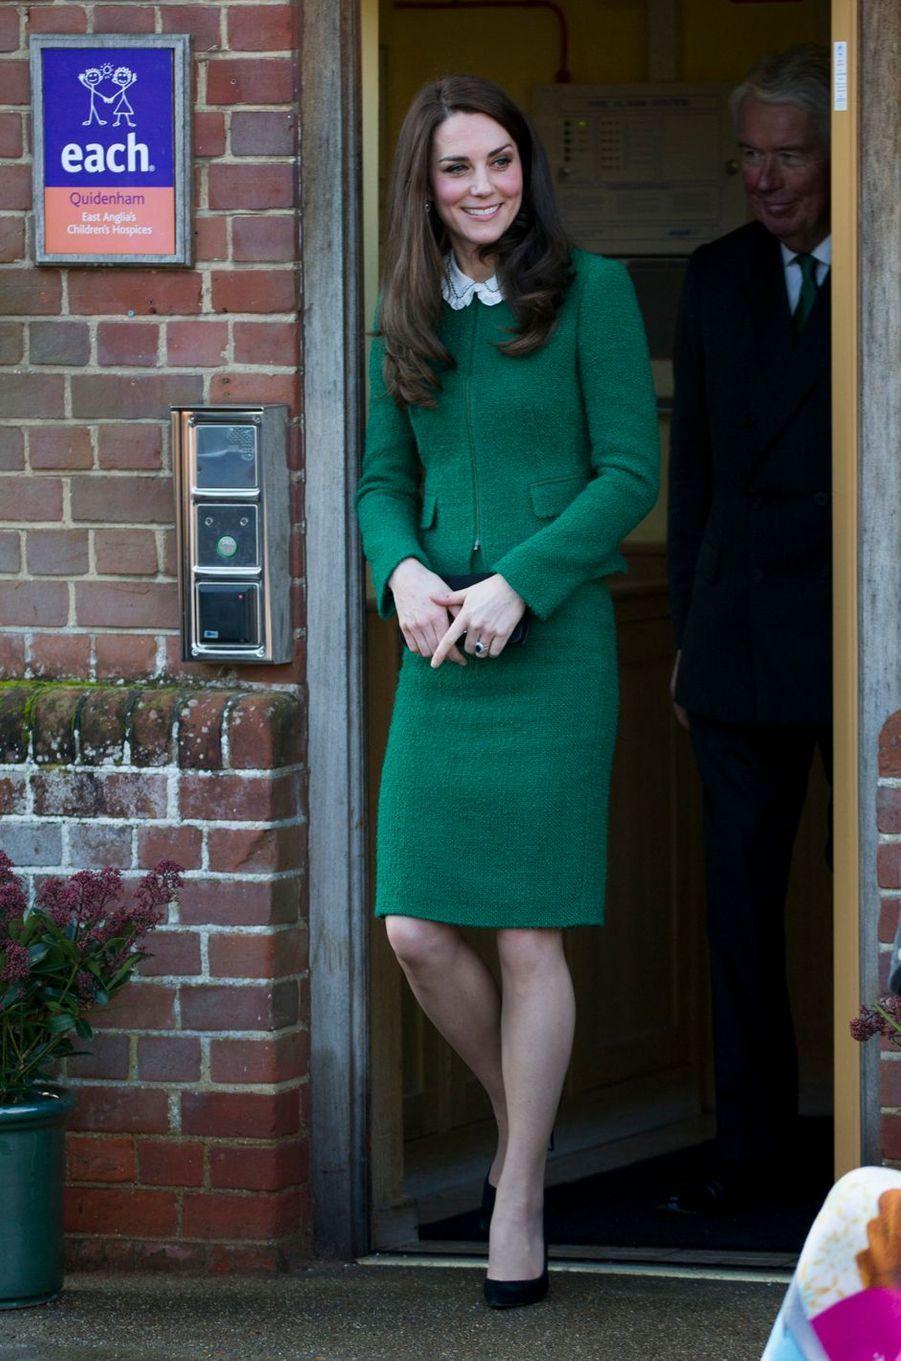 La duchesse de Cambridge, née Kate Middleton, porte une blouse Gérard Darel à Quidenham le 24 janvier 2017